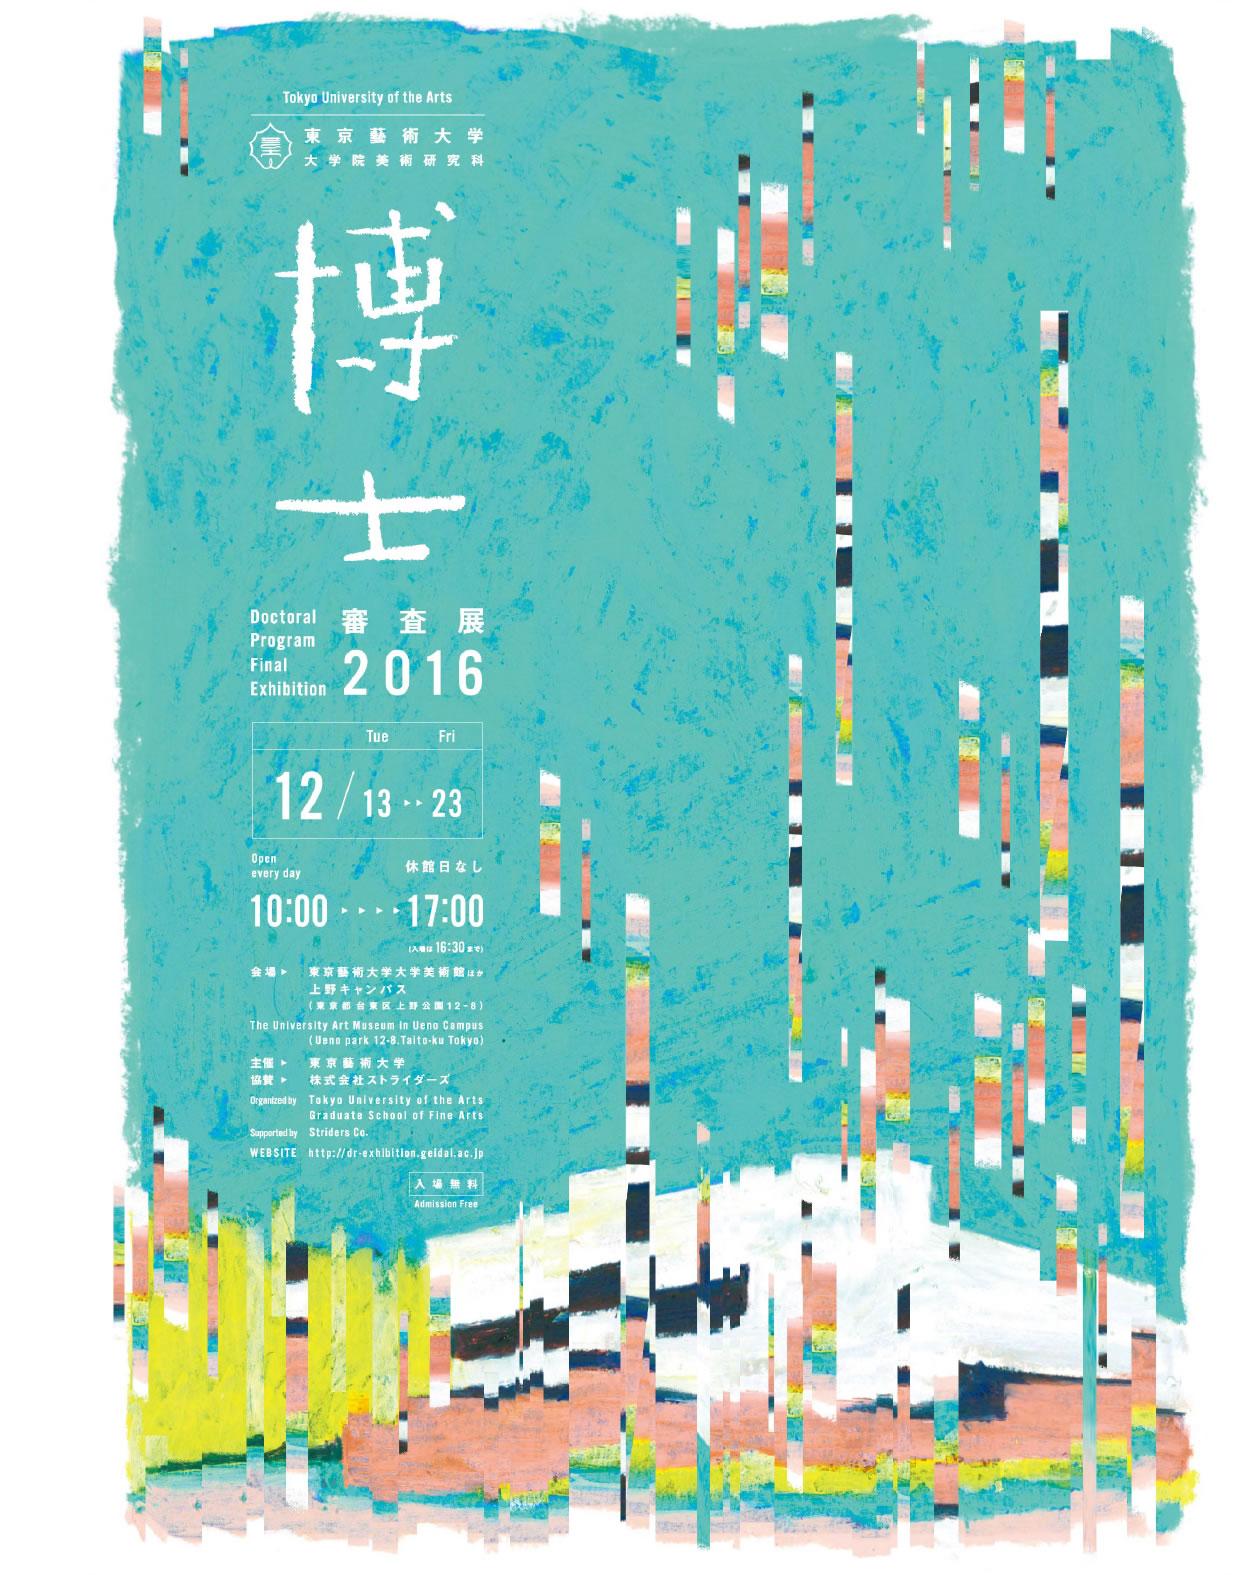 東京藝術大学大学院美術研究科 博士審査展2016